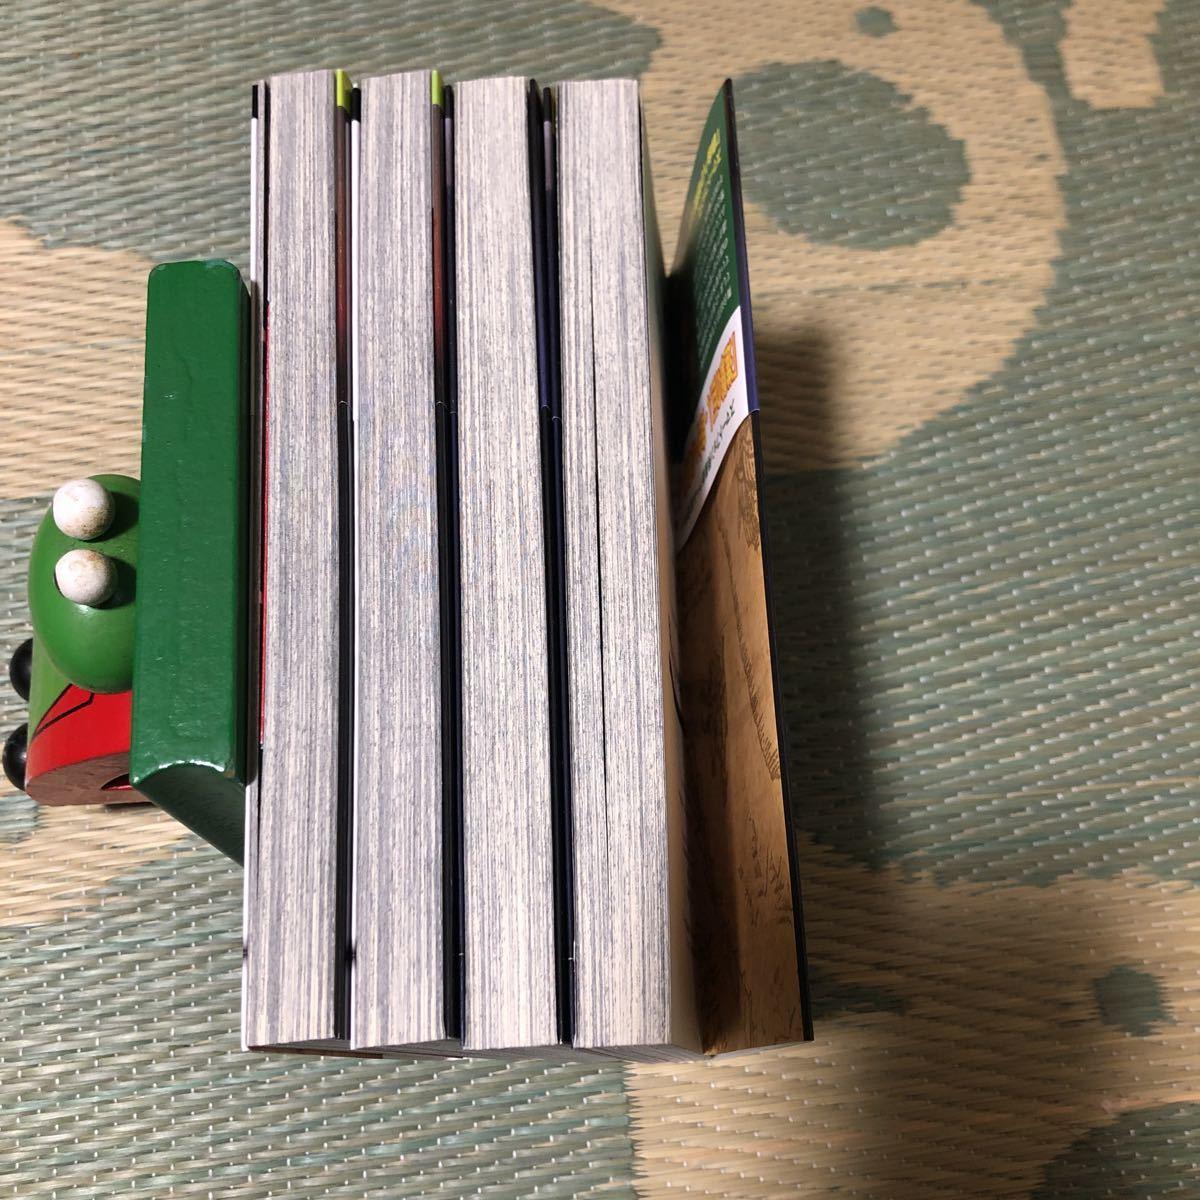 進撃の巨人 15巻 2冊 16巻 2冊  限定版 初版 本のみ 4冊セット 中古 1